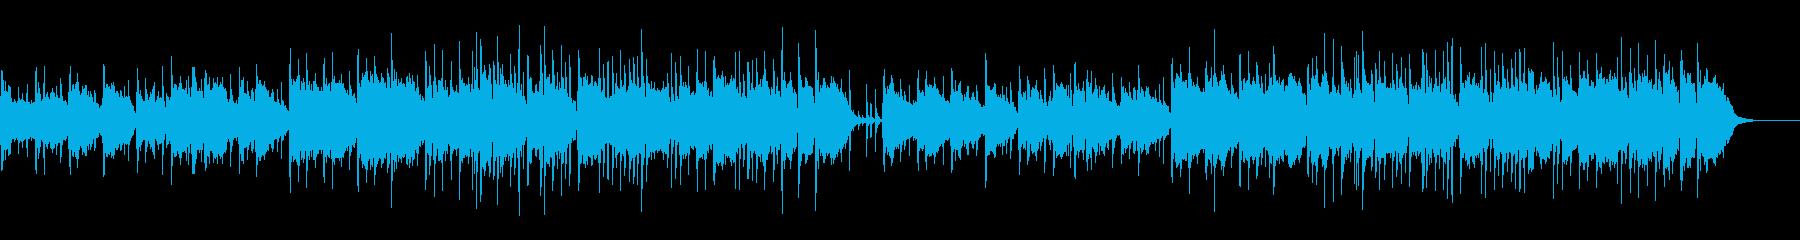 中国風のBGMでゆったりとした明るいポ…の再生済みの波形